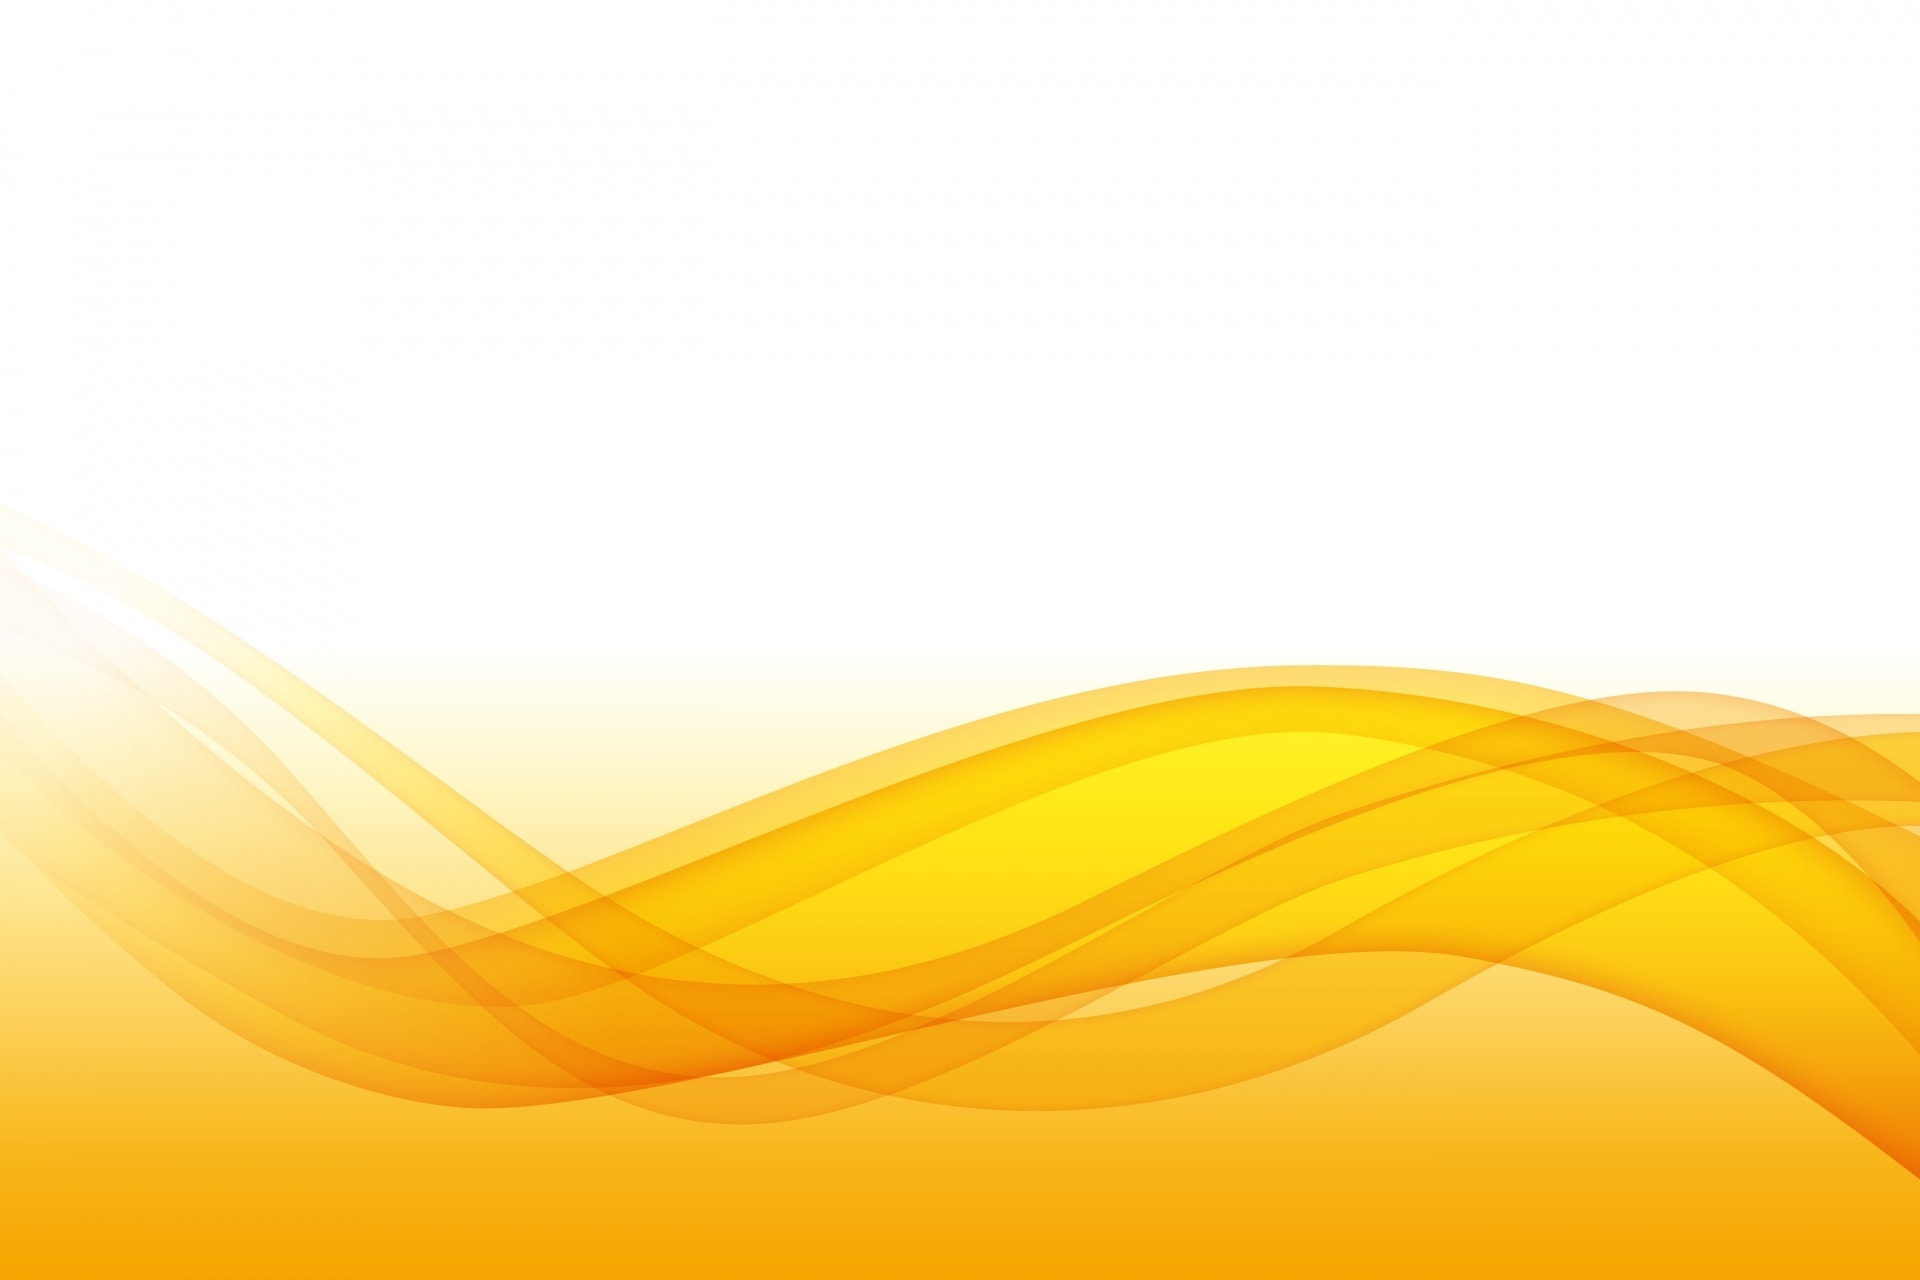 橙色があなたに与える効果・パワー